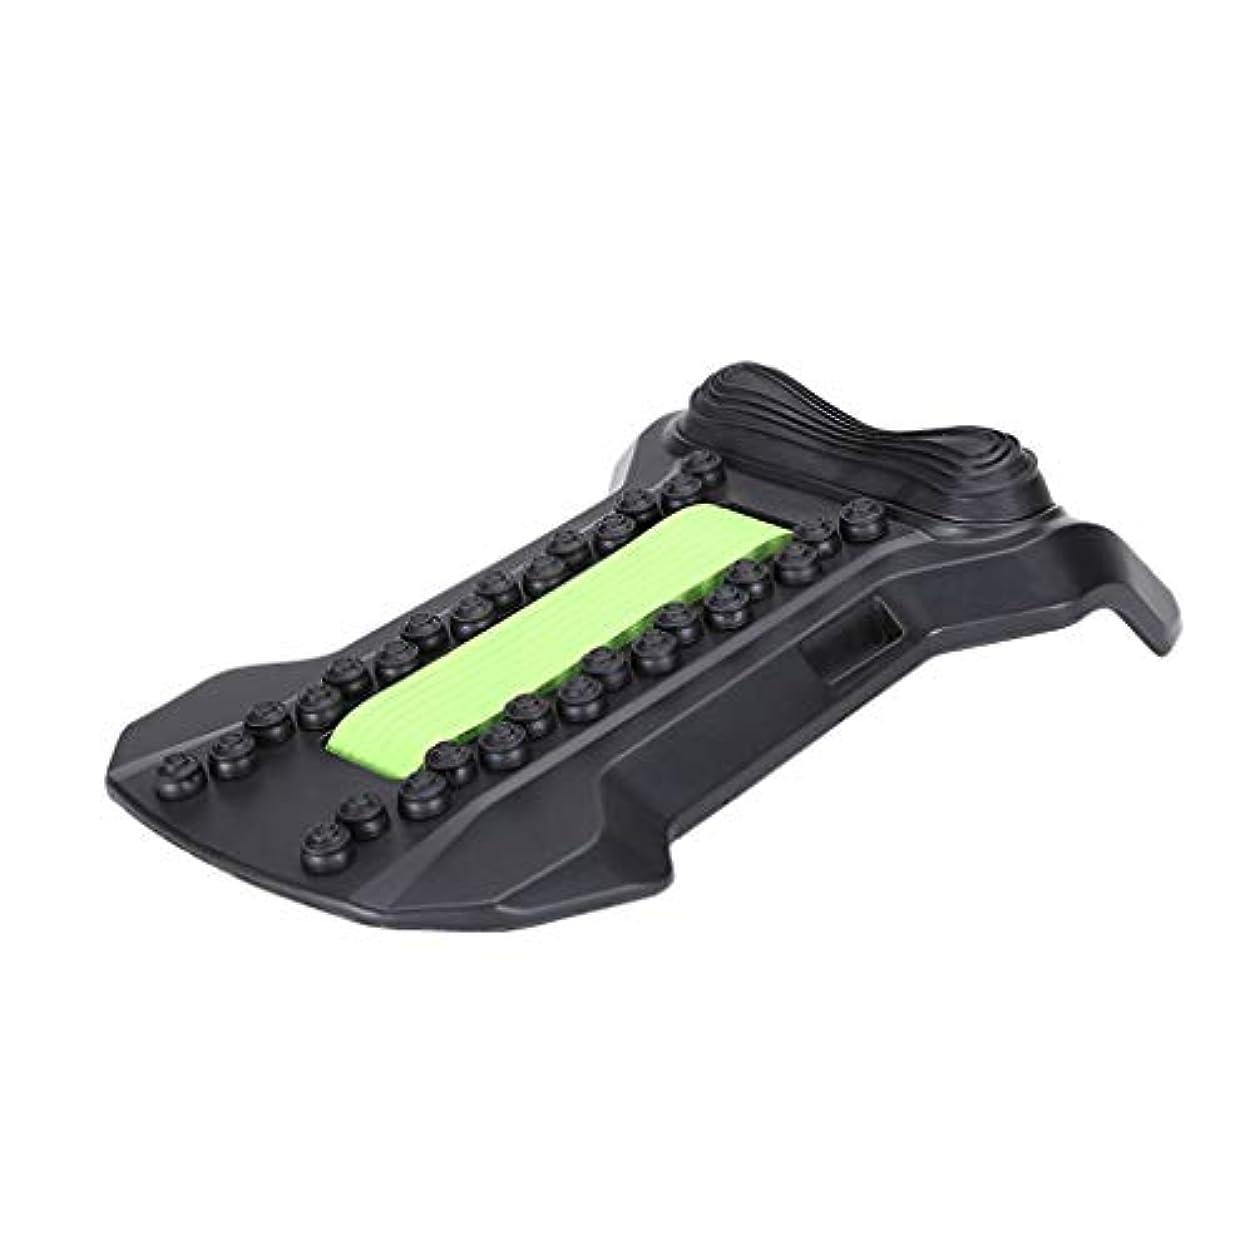 背部マッサージャーの伸張装置、腰椎サポート弛緩の魔法の伸張器の適性の仲間の脊椎の痛みを和らげるカイロプラクター,Green